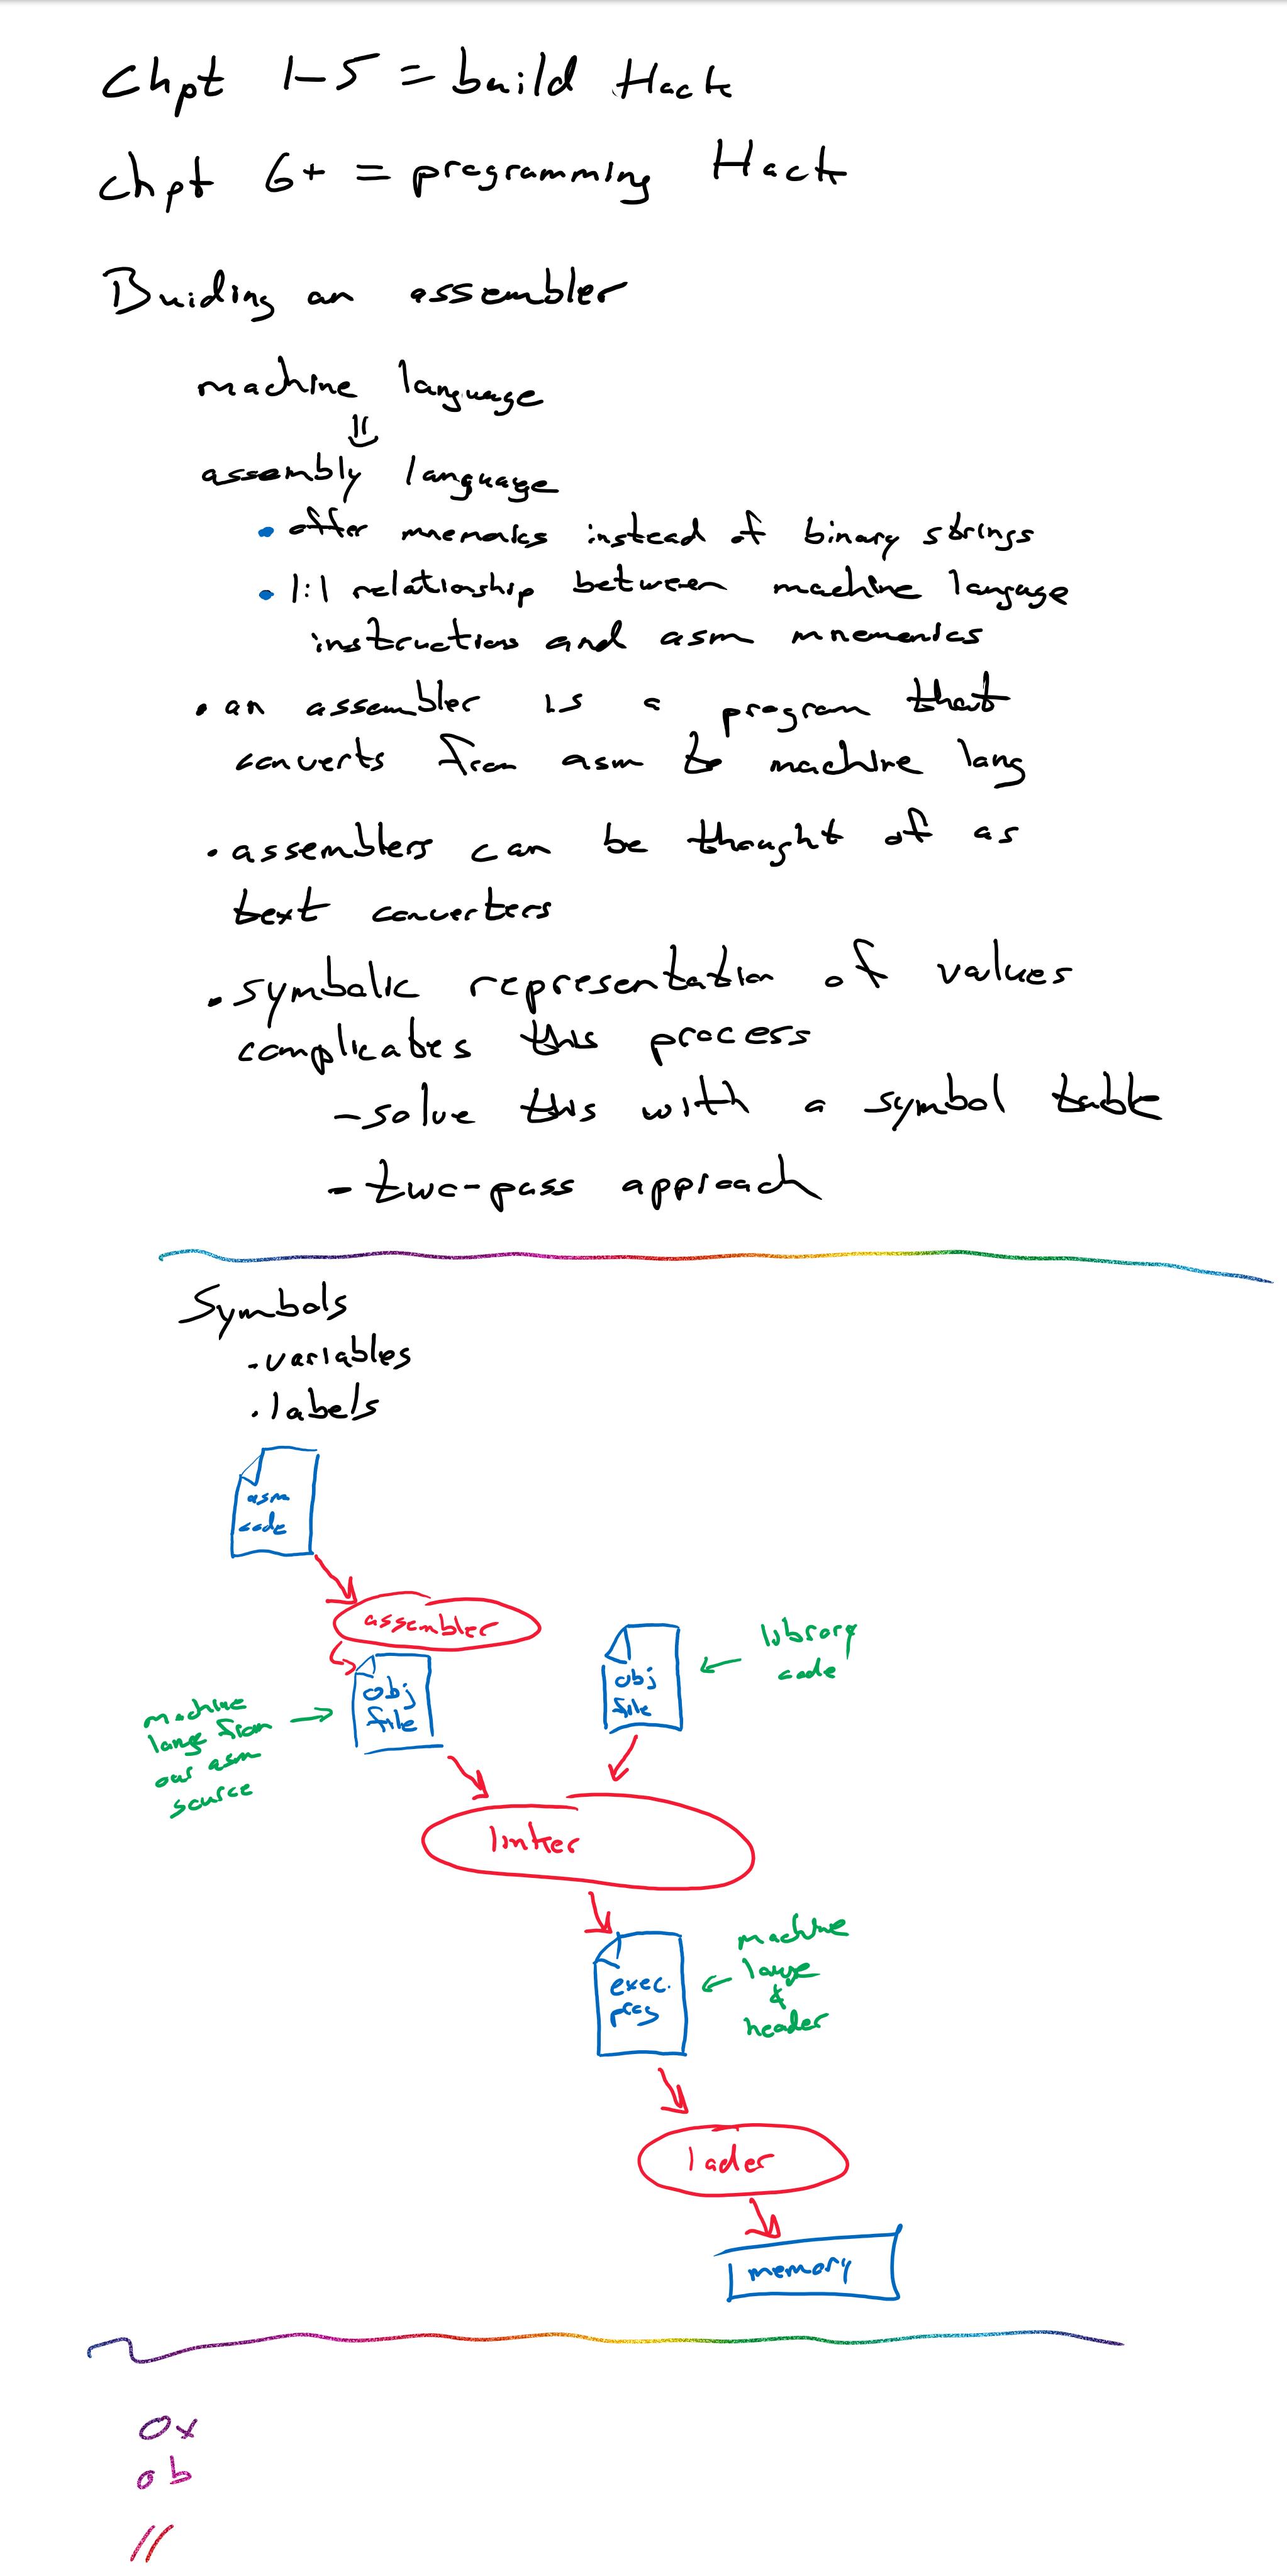 CS271 Computer Architecture & Assembly Language - Joe Paris